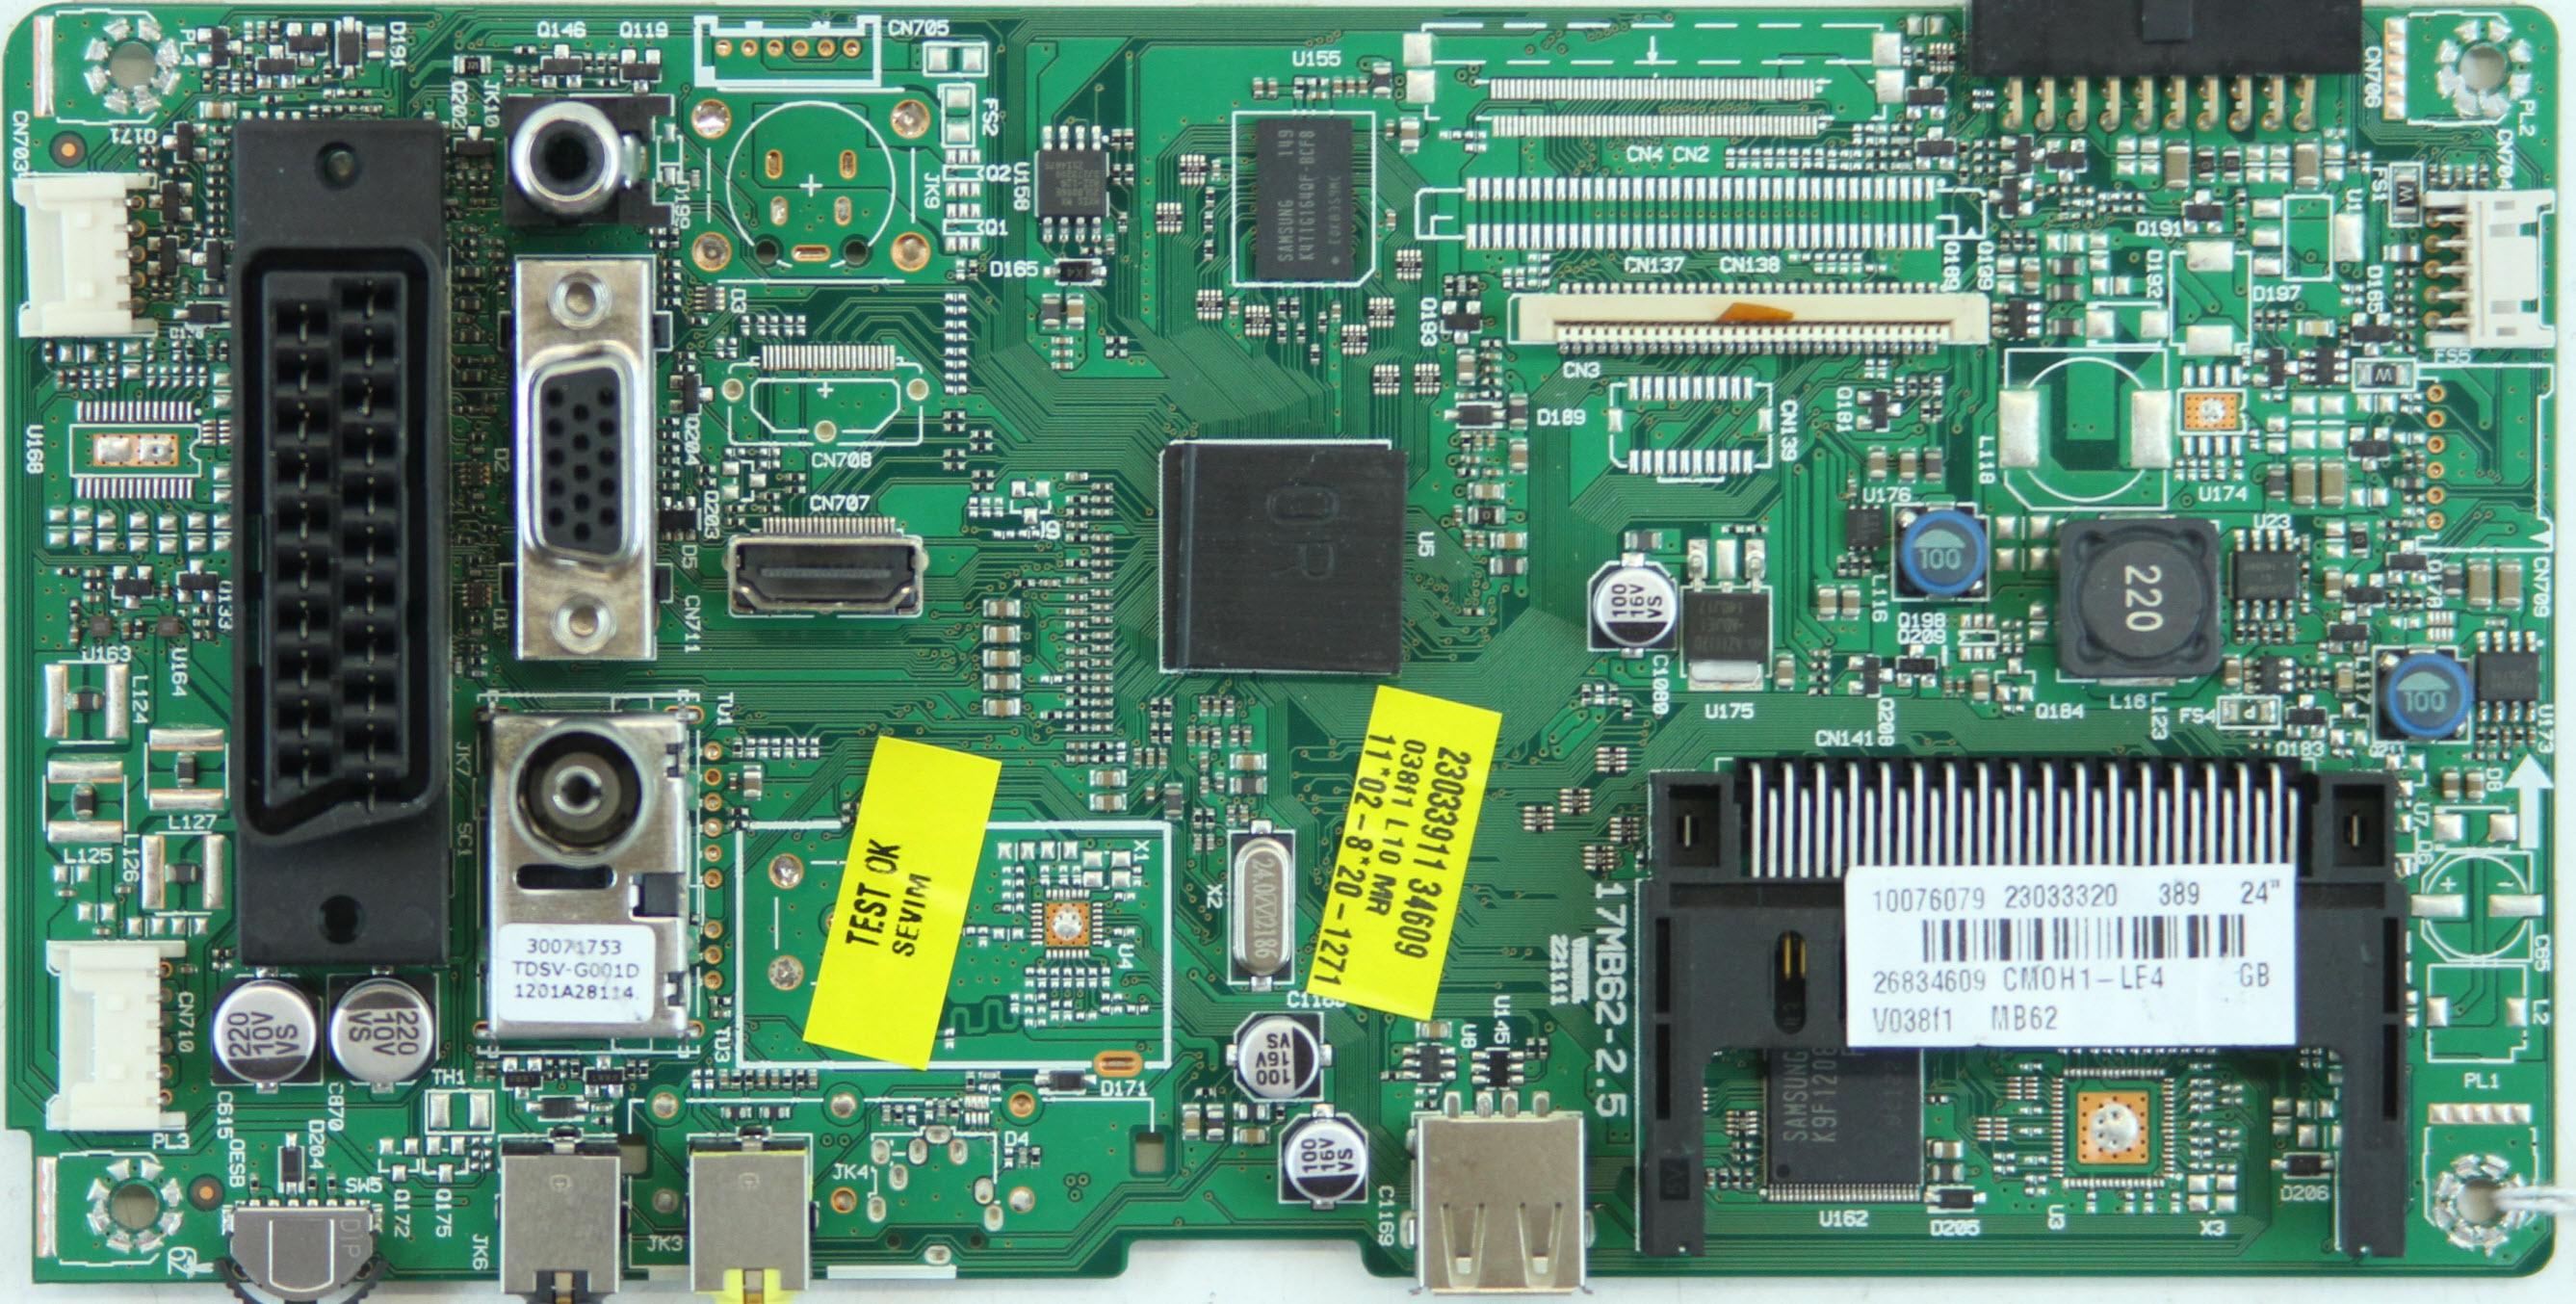 Toshiba 40lv833rb скачать прошивку